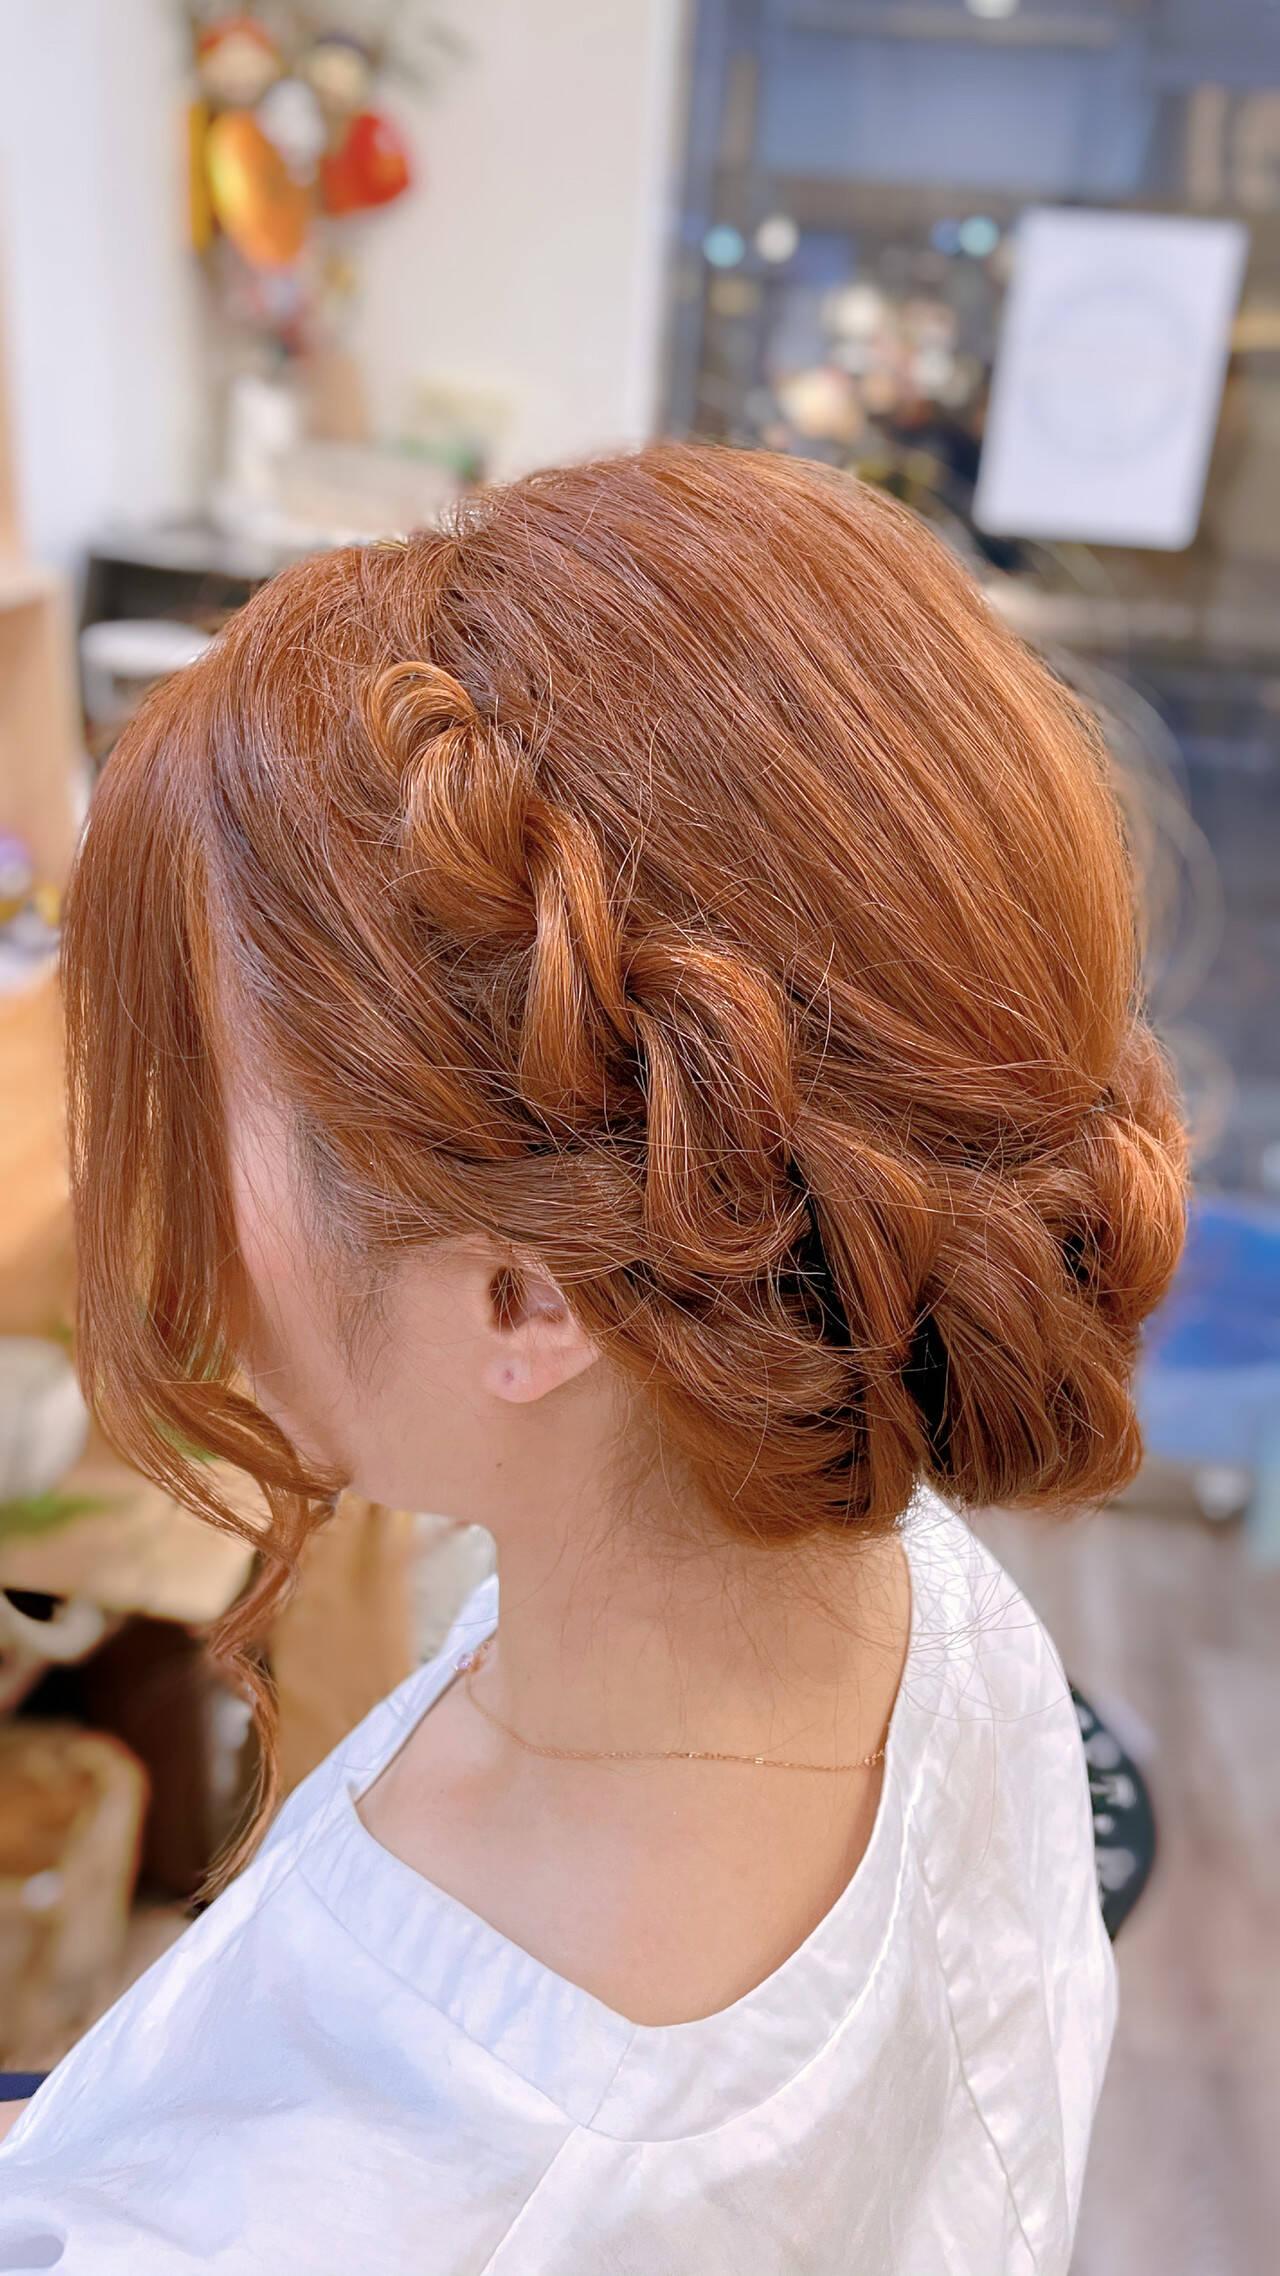 ねじり 簡単ヘアアレンジ ヘアアレンジ ロープ編みヘアスタイルや髪型の写真・画像